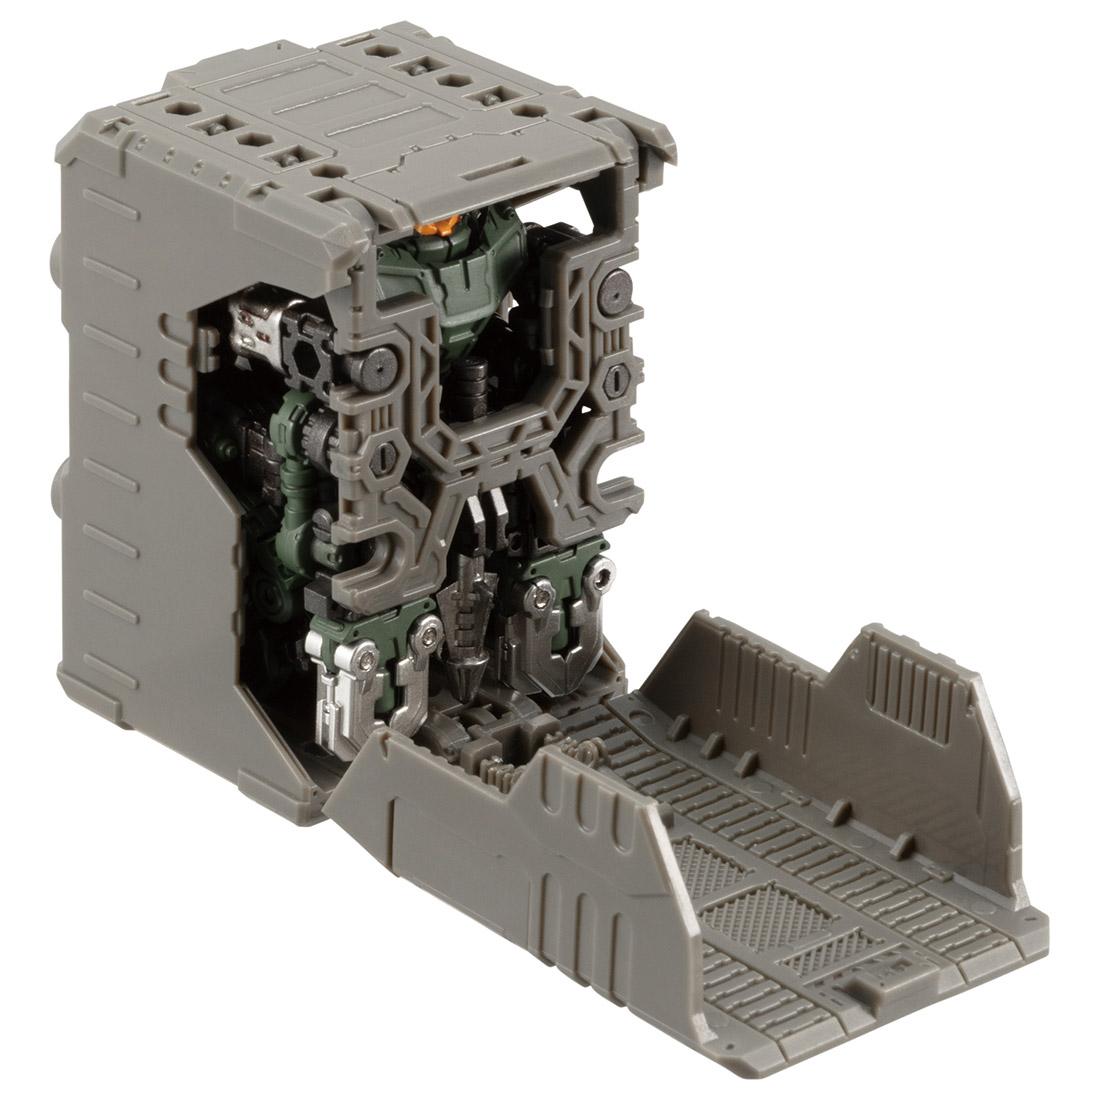 【限定販売】ダイアクロン『DA-49 パワードシステム マニューバイプシロン 宇宙海兵隊Ver』可動フィギュア-009